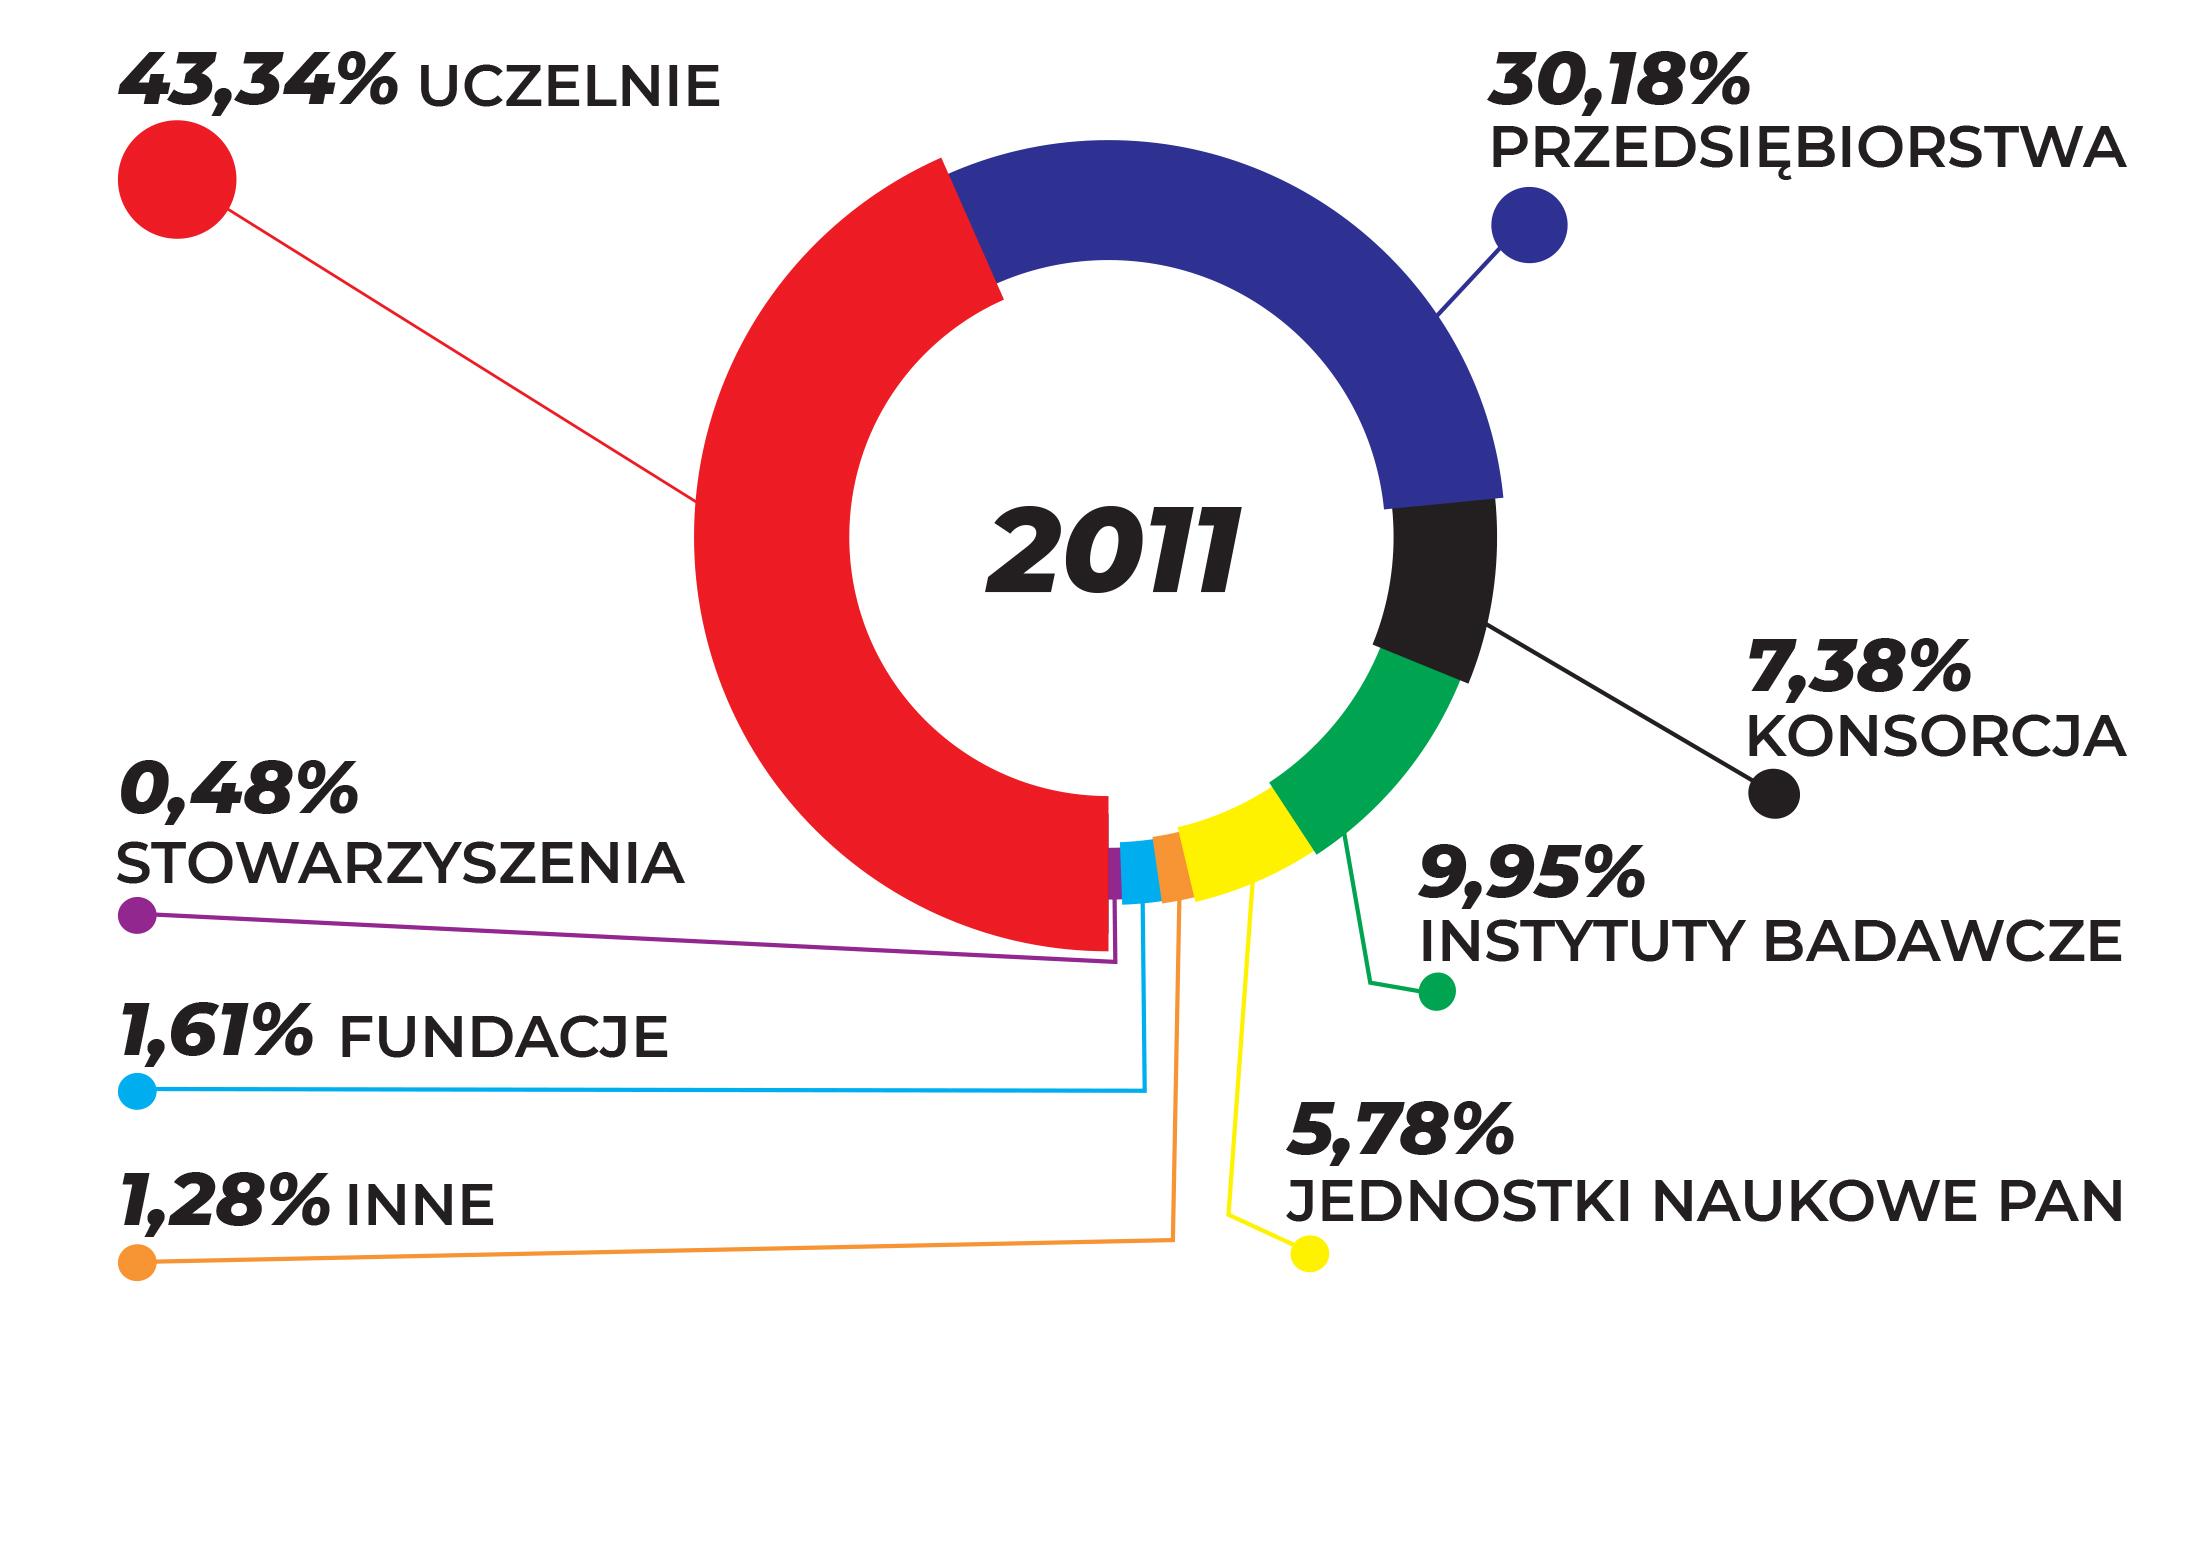 WYKRES PRZEDSTAWIA UDZIAŁ BENEFICJENTÓW W OGÓLNEJ LICZBIE UMÓW W ZALEŻNOŚCI OD FORMY PRAWNEJ W ROKU 2011